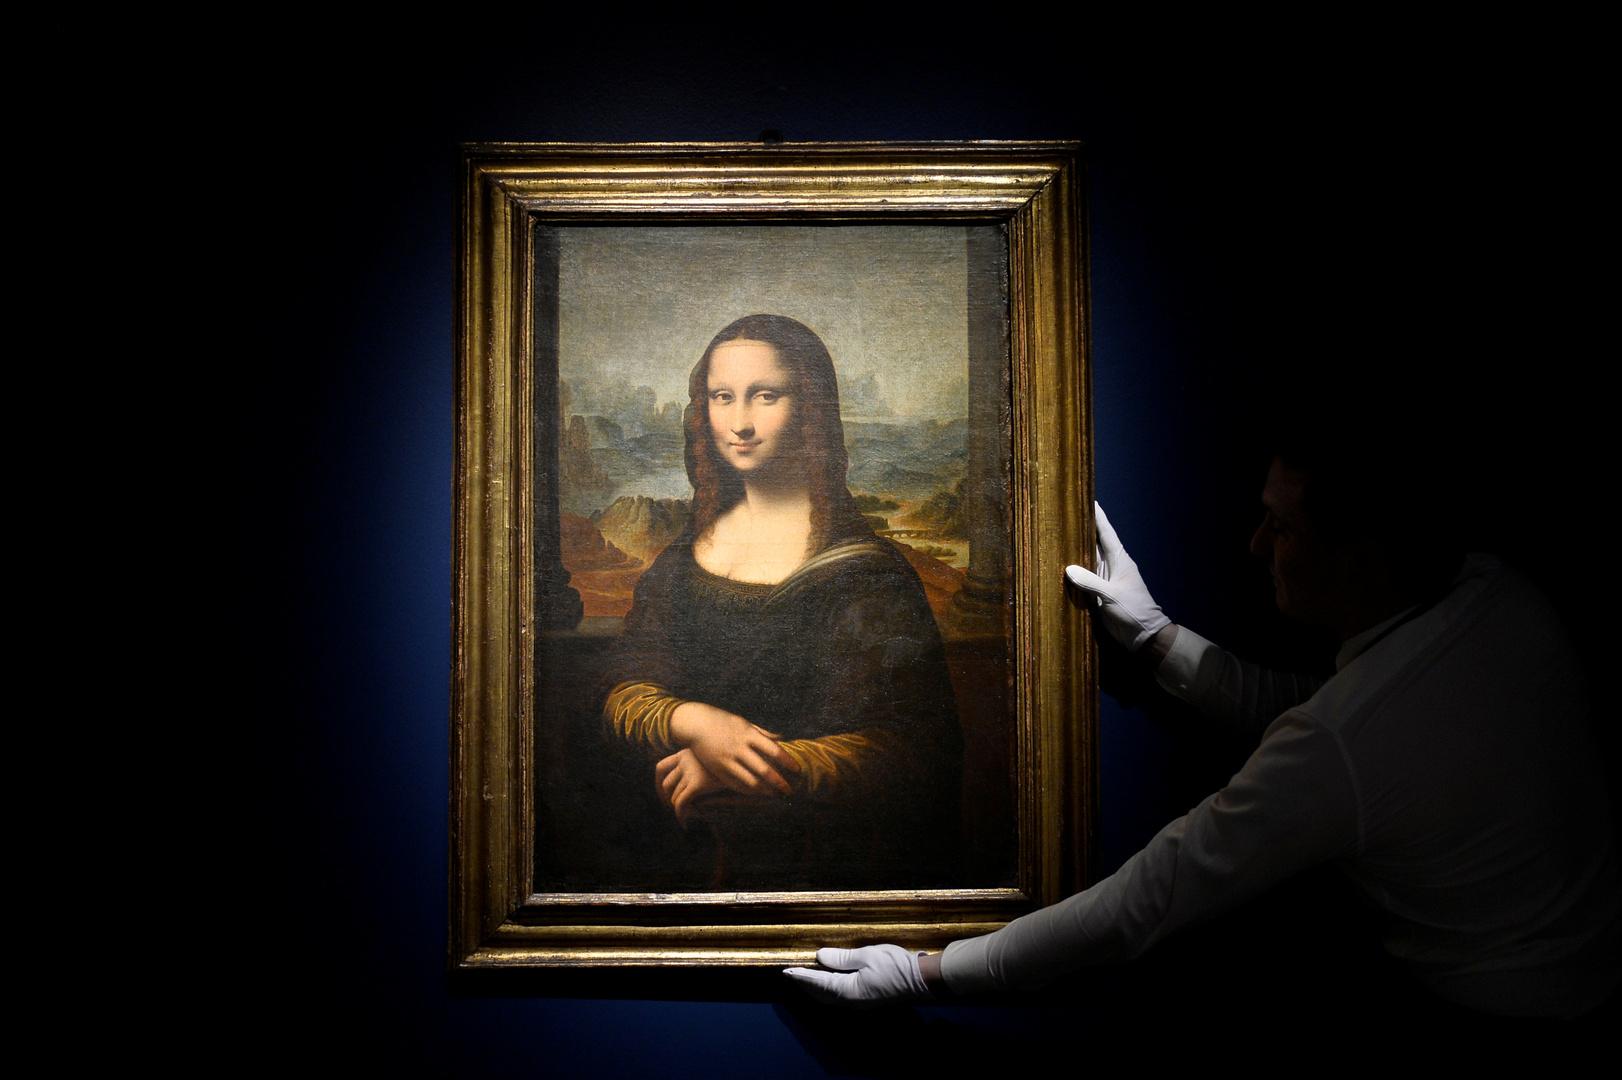 رجل أعمال فرنسي يقترح بيع لوحة